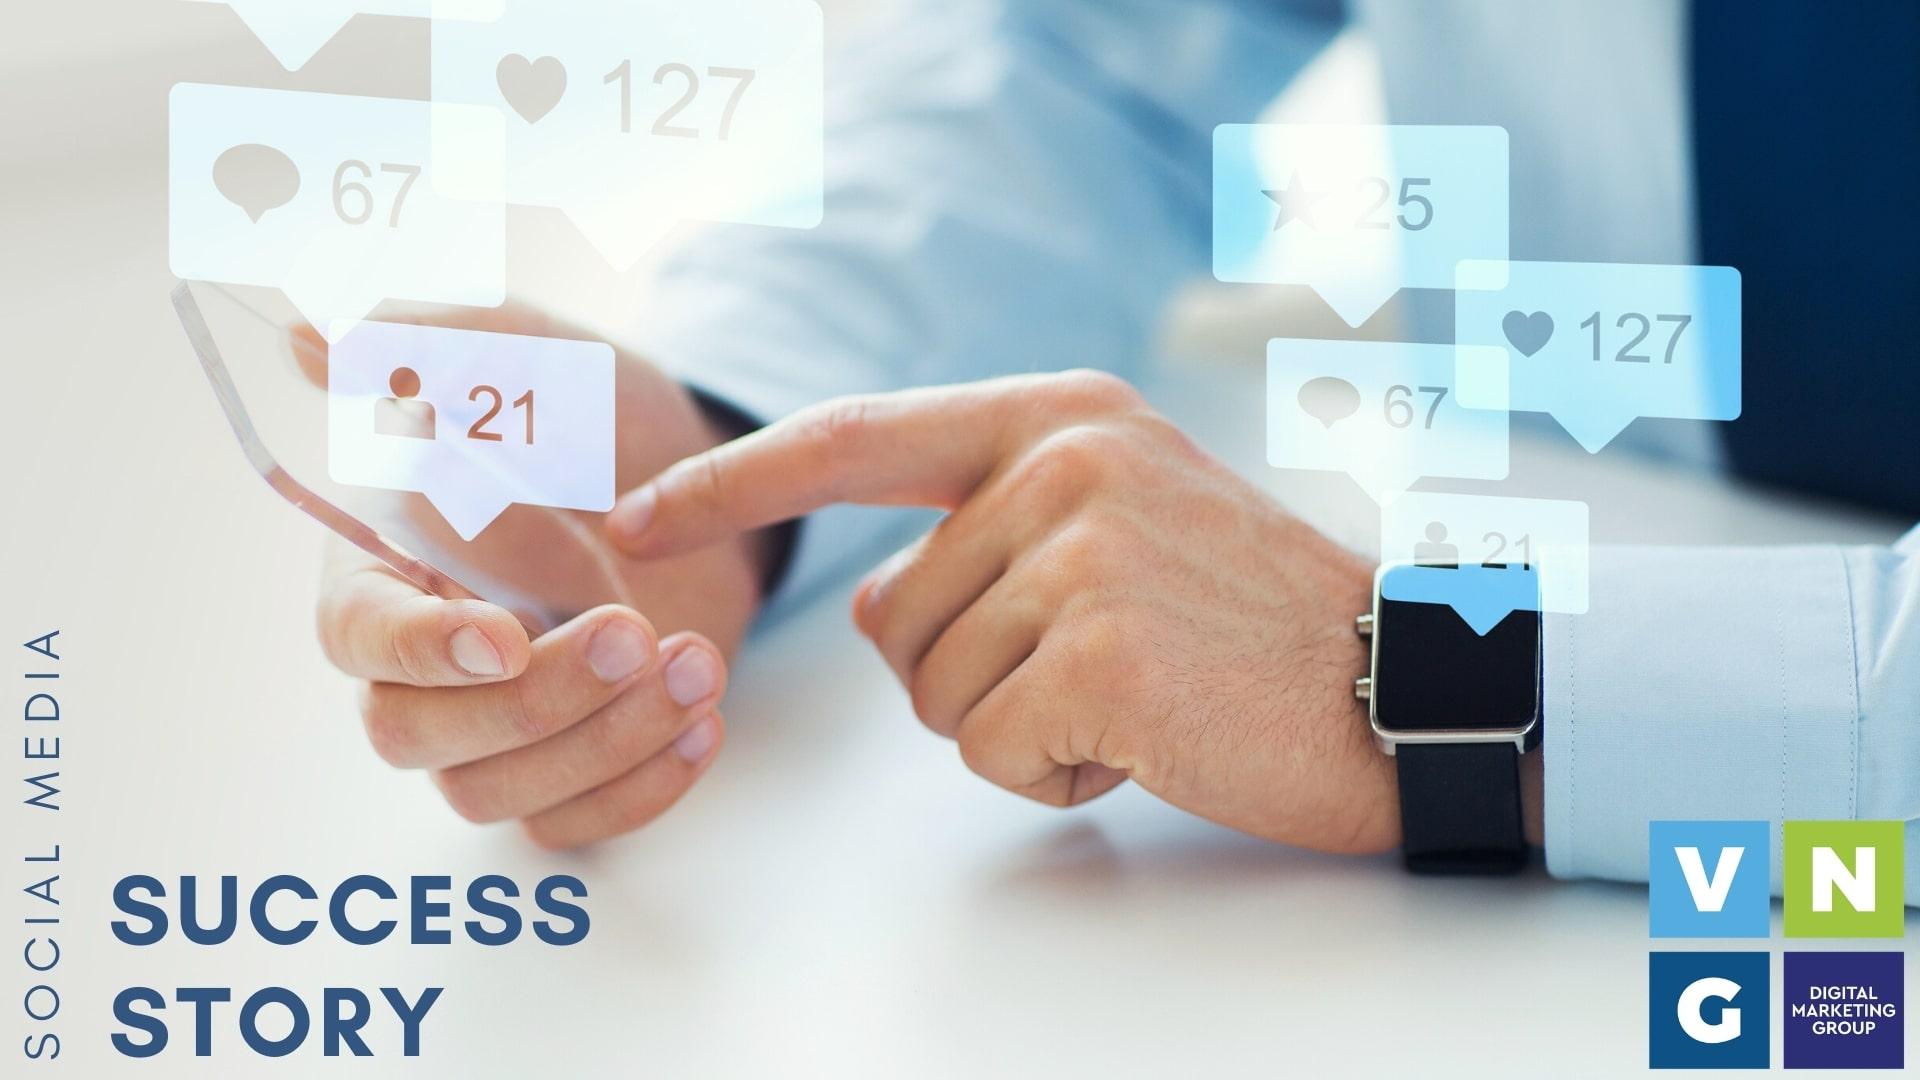 Αυξήστε κατακόρυφα την απήχηση των δημοσιεύσεων σας στα social media